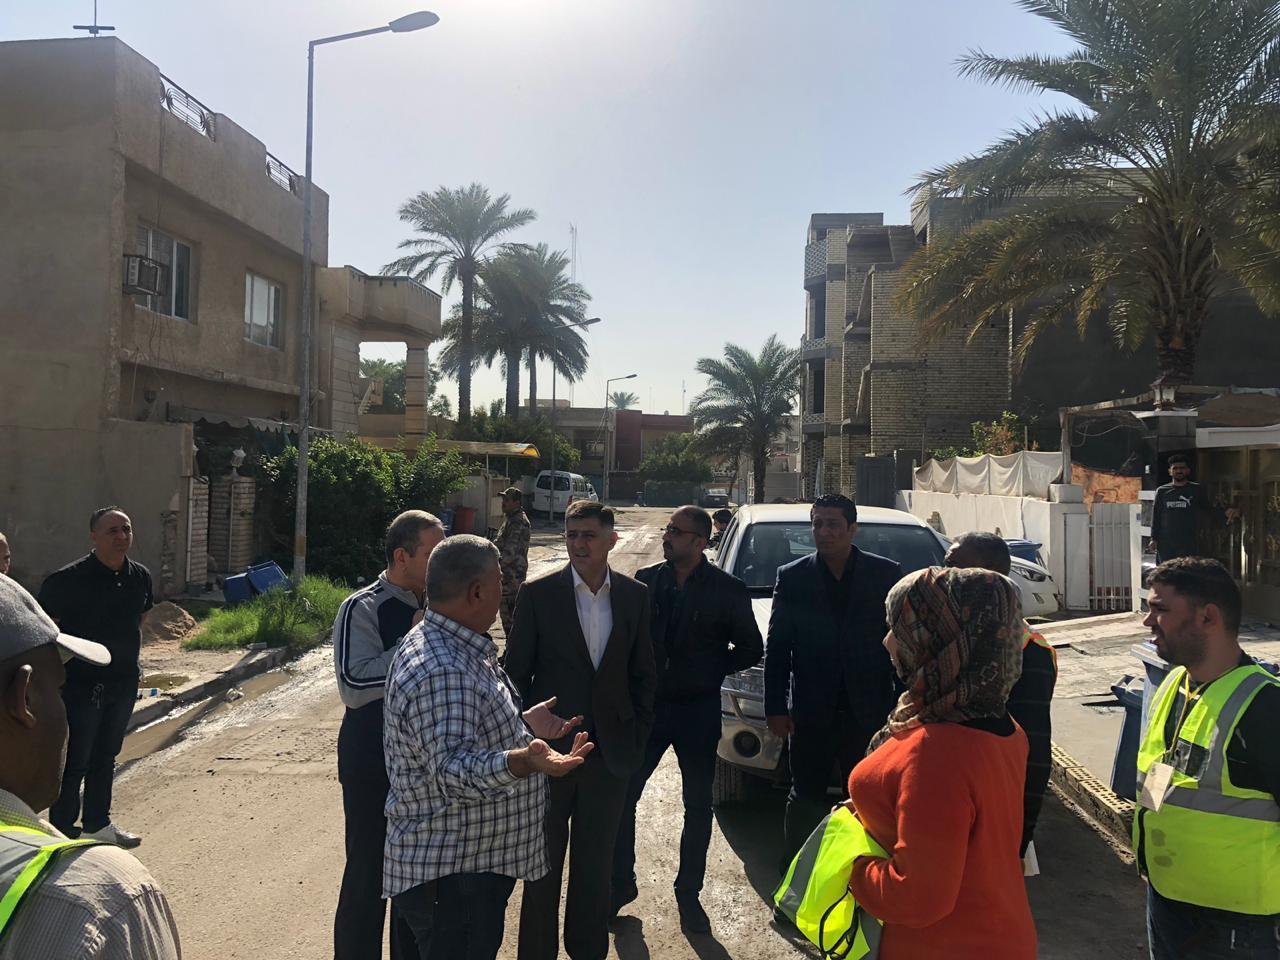 وزير الاتصالات يشرف شخصياً على ايصال خدمة الكيبل الضوئي لأحياء بغداد